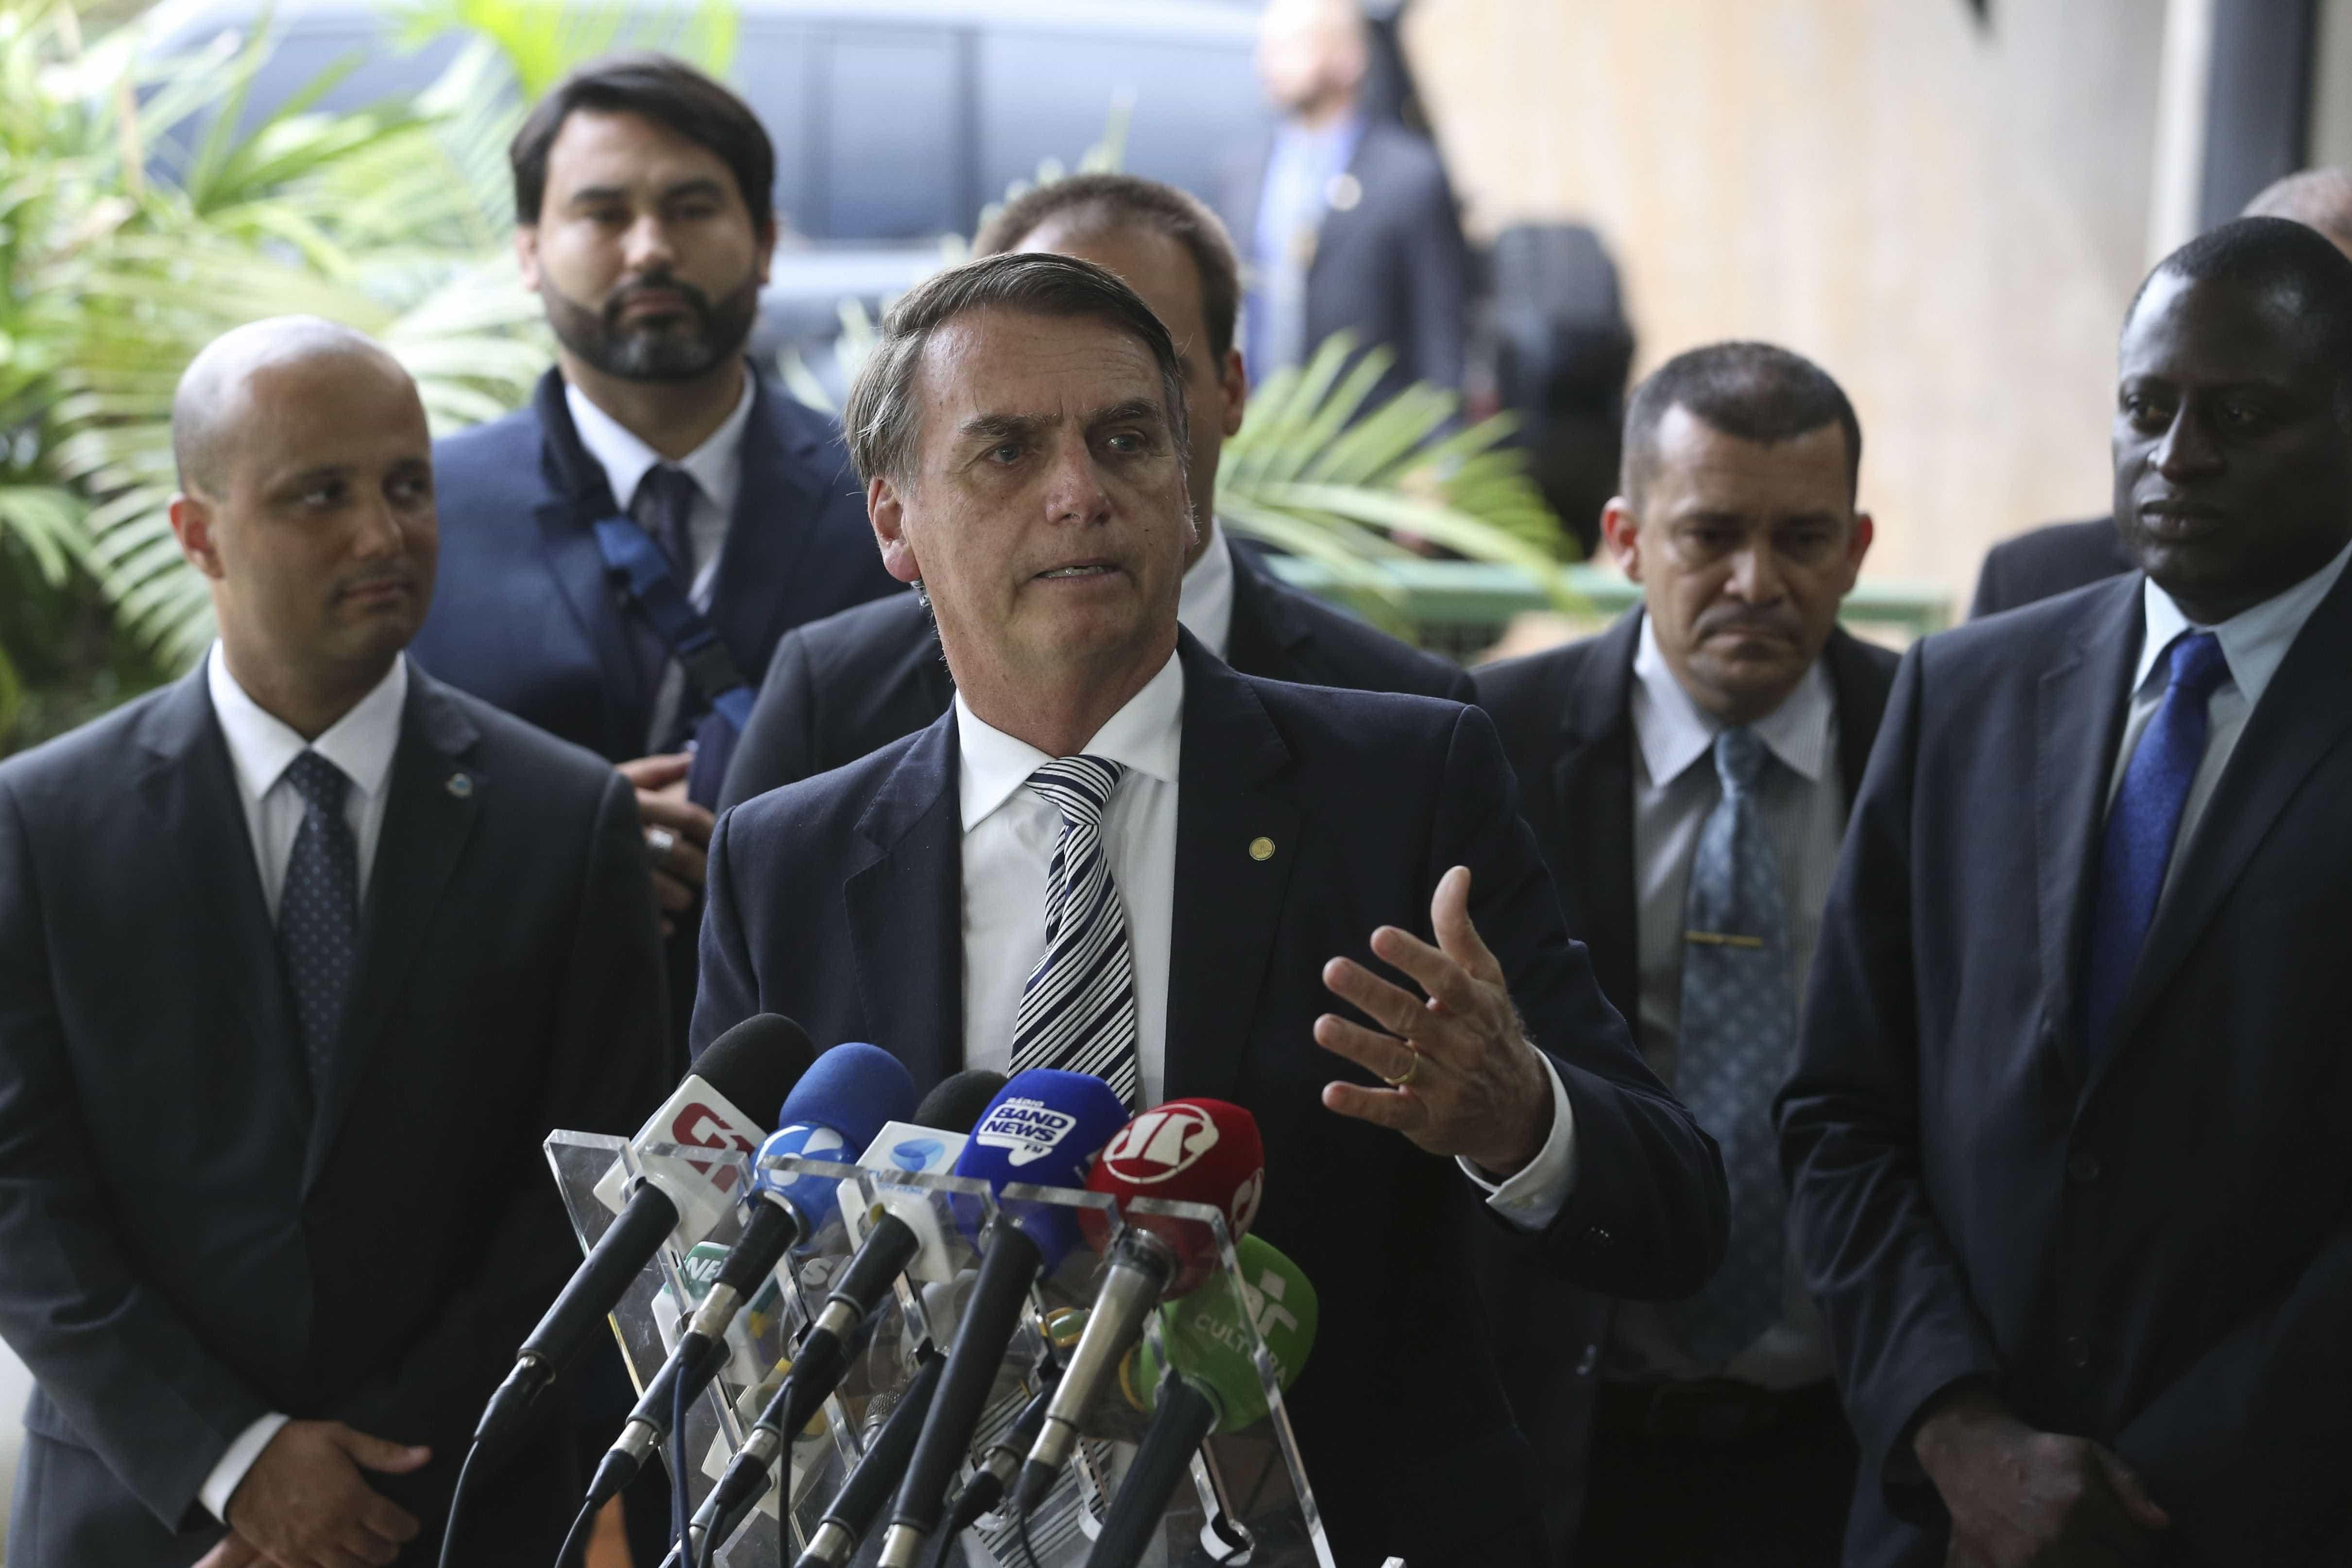 Congresso inicia votação da Previdência no 1º semestre, diz Bolsonaro